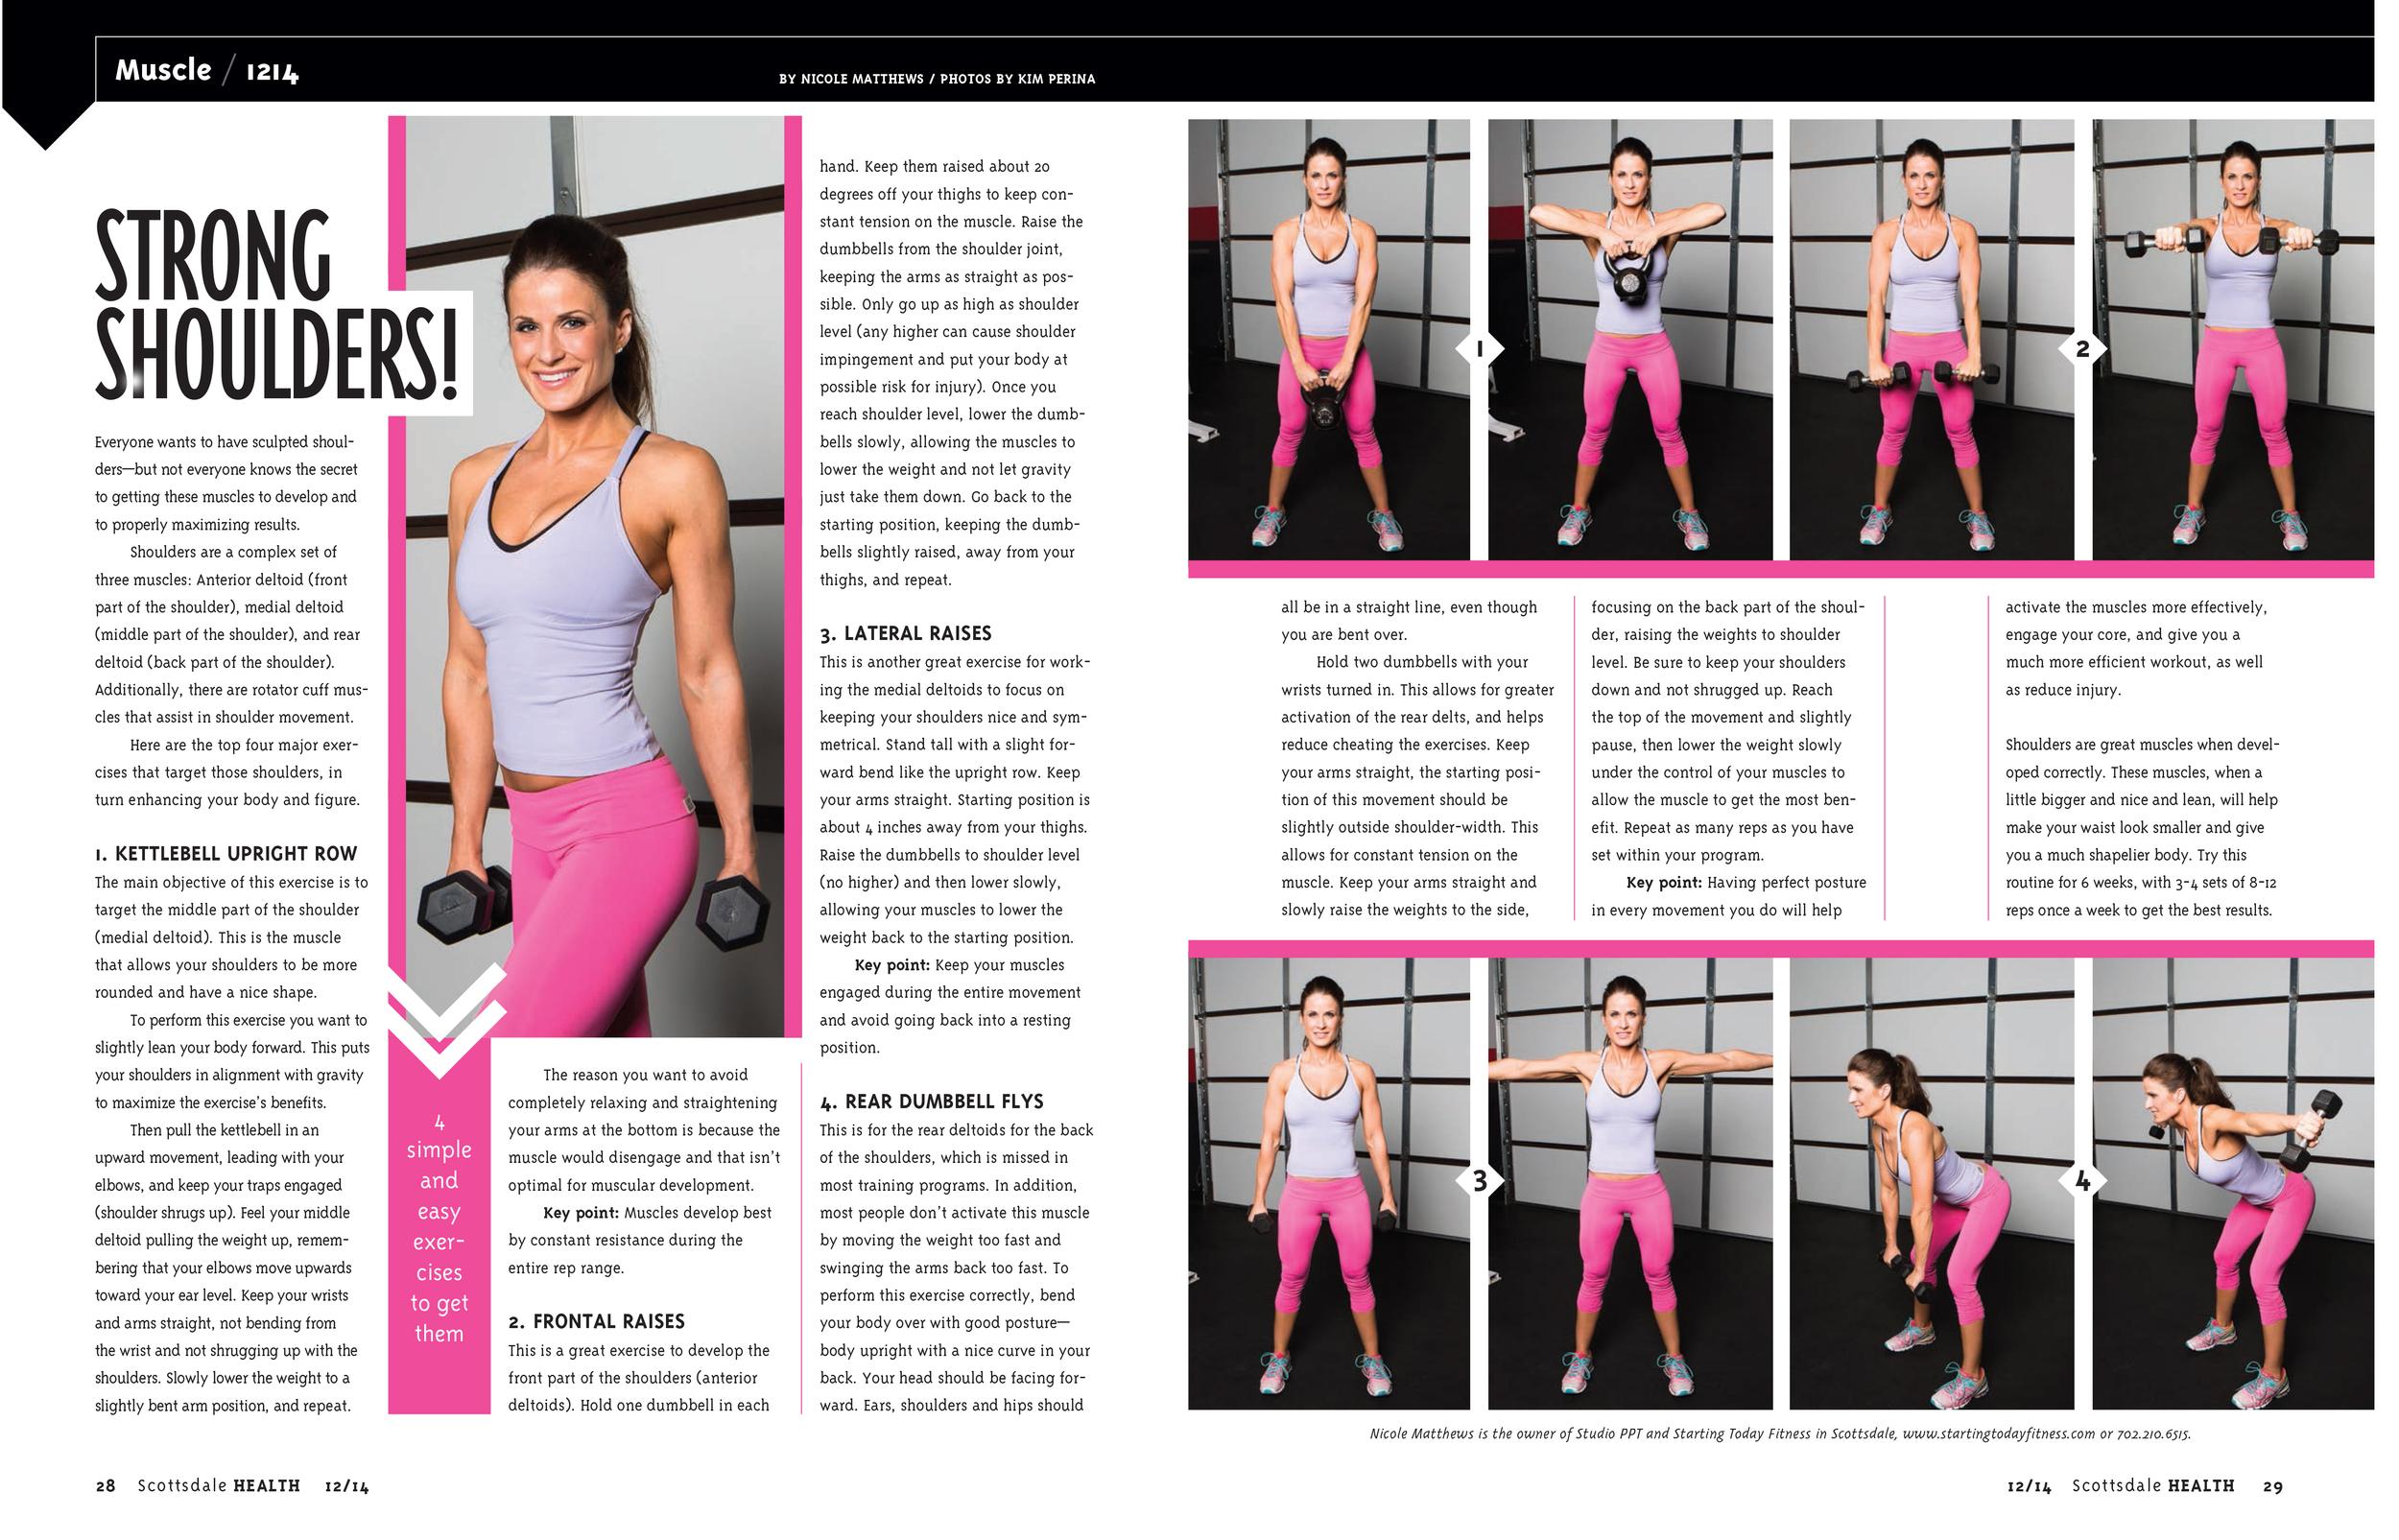 Nicole_2 Page.jpg